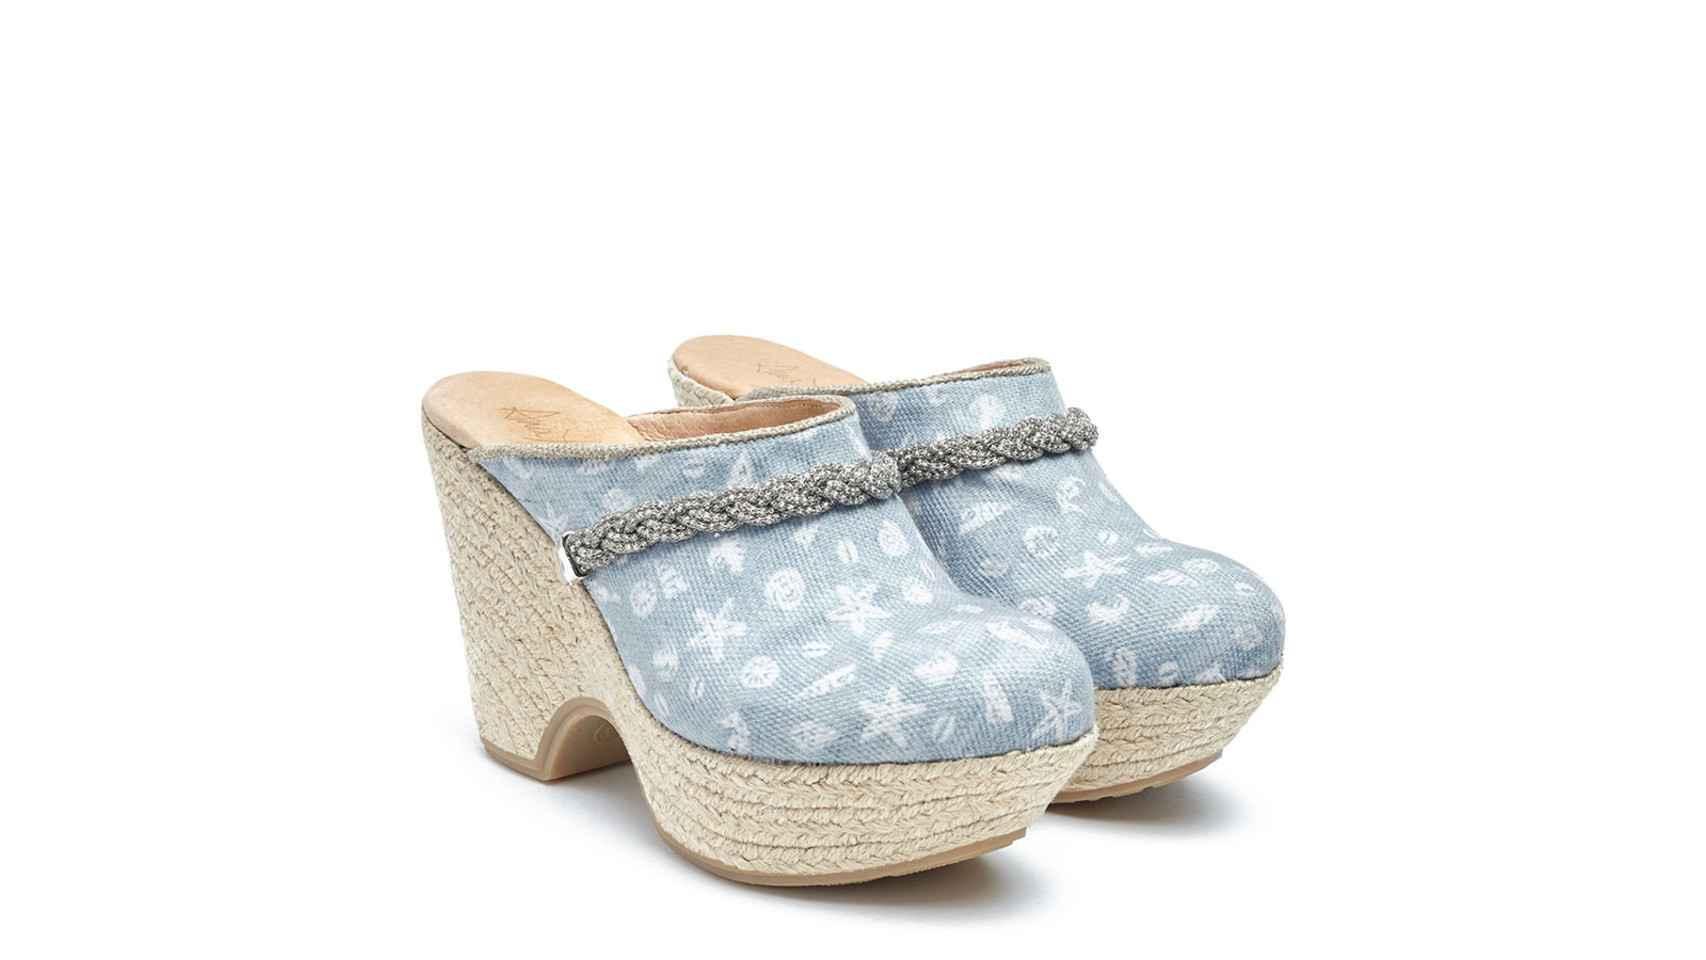 Zuecos con estrellas de mar y caracolas de la línea Italia de Ana Pallarés.